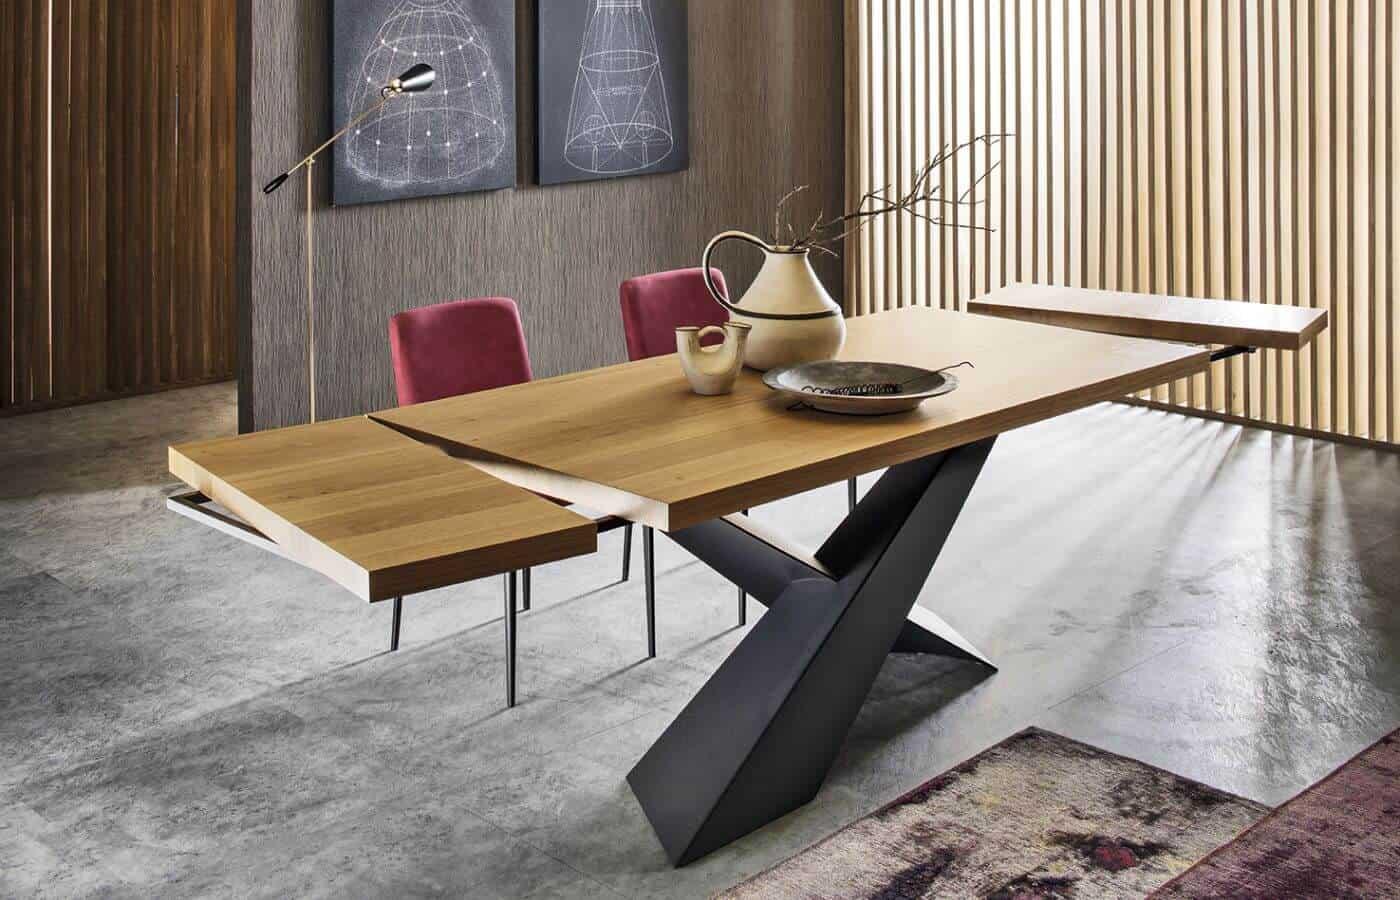 tavoli-collezione-riflessi-living-legno-allungabile-il-mobile